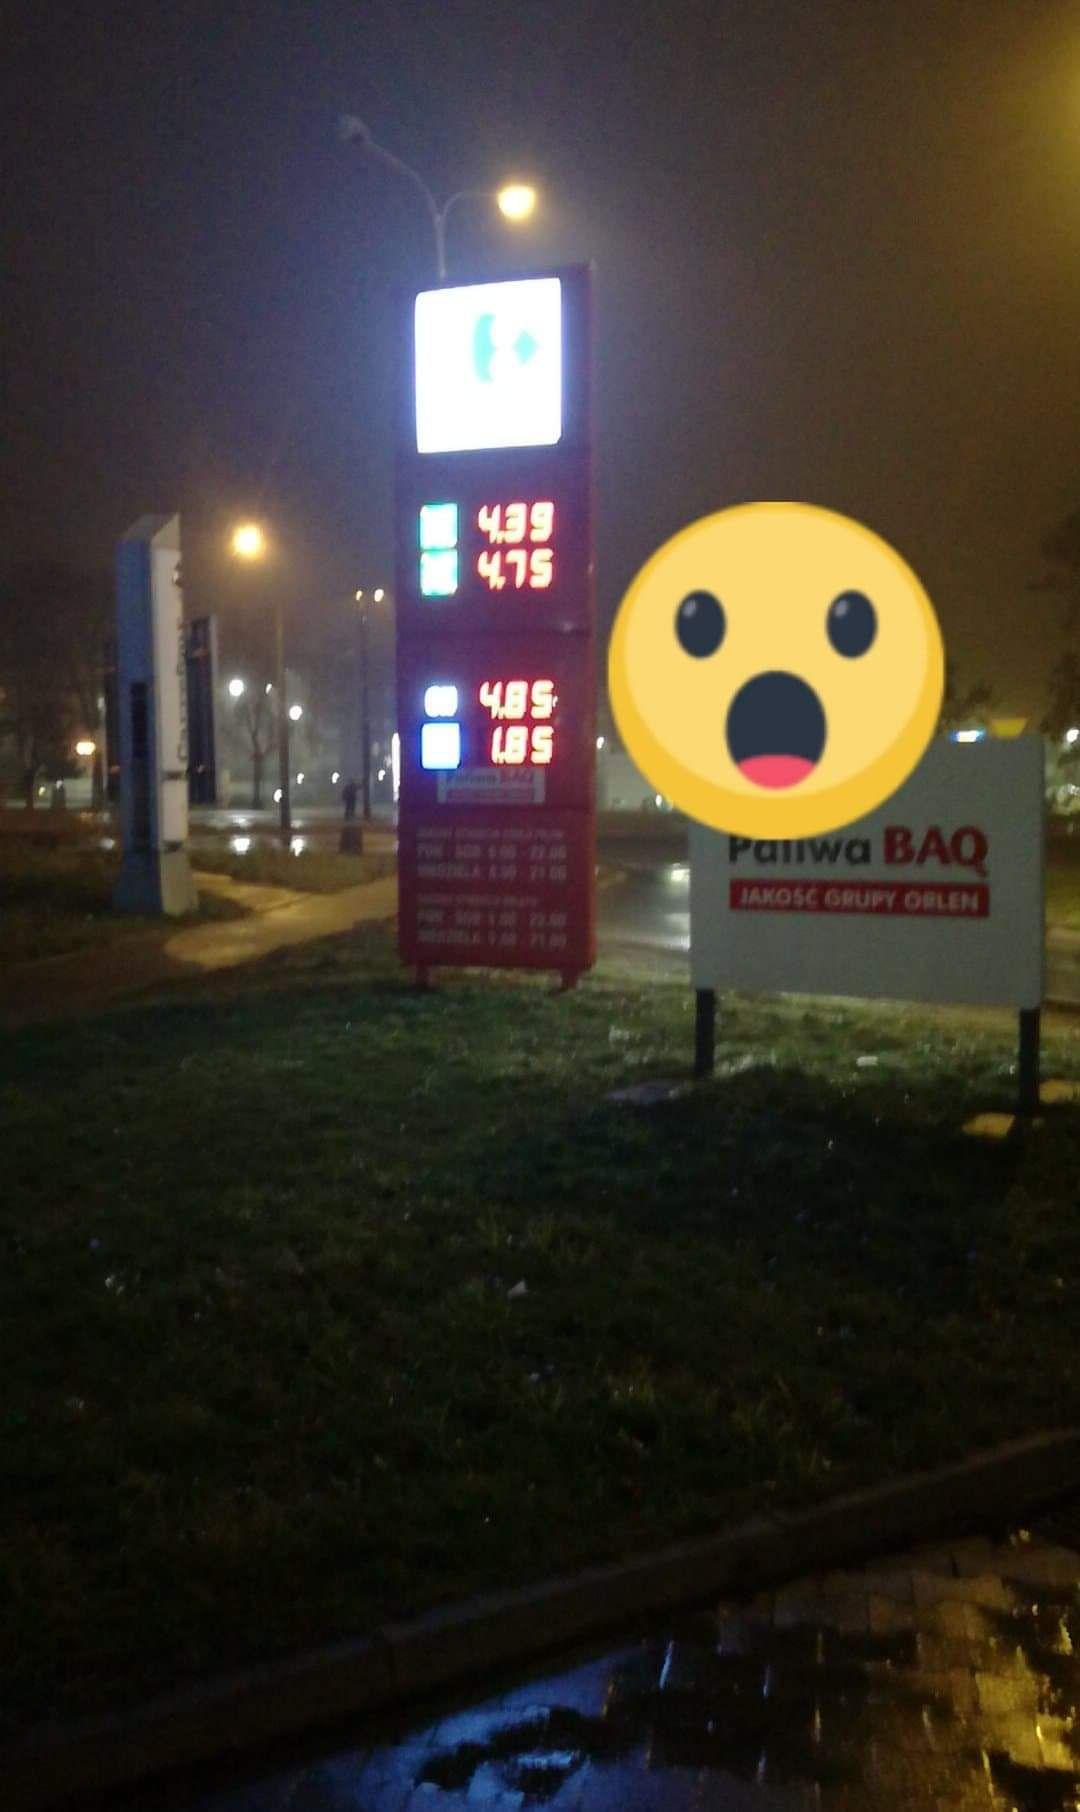 LPG Auto gaz 1,85- Stacja paliw Carrefour Przybyszewskiego 176 Łódź